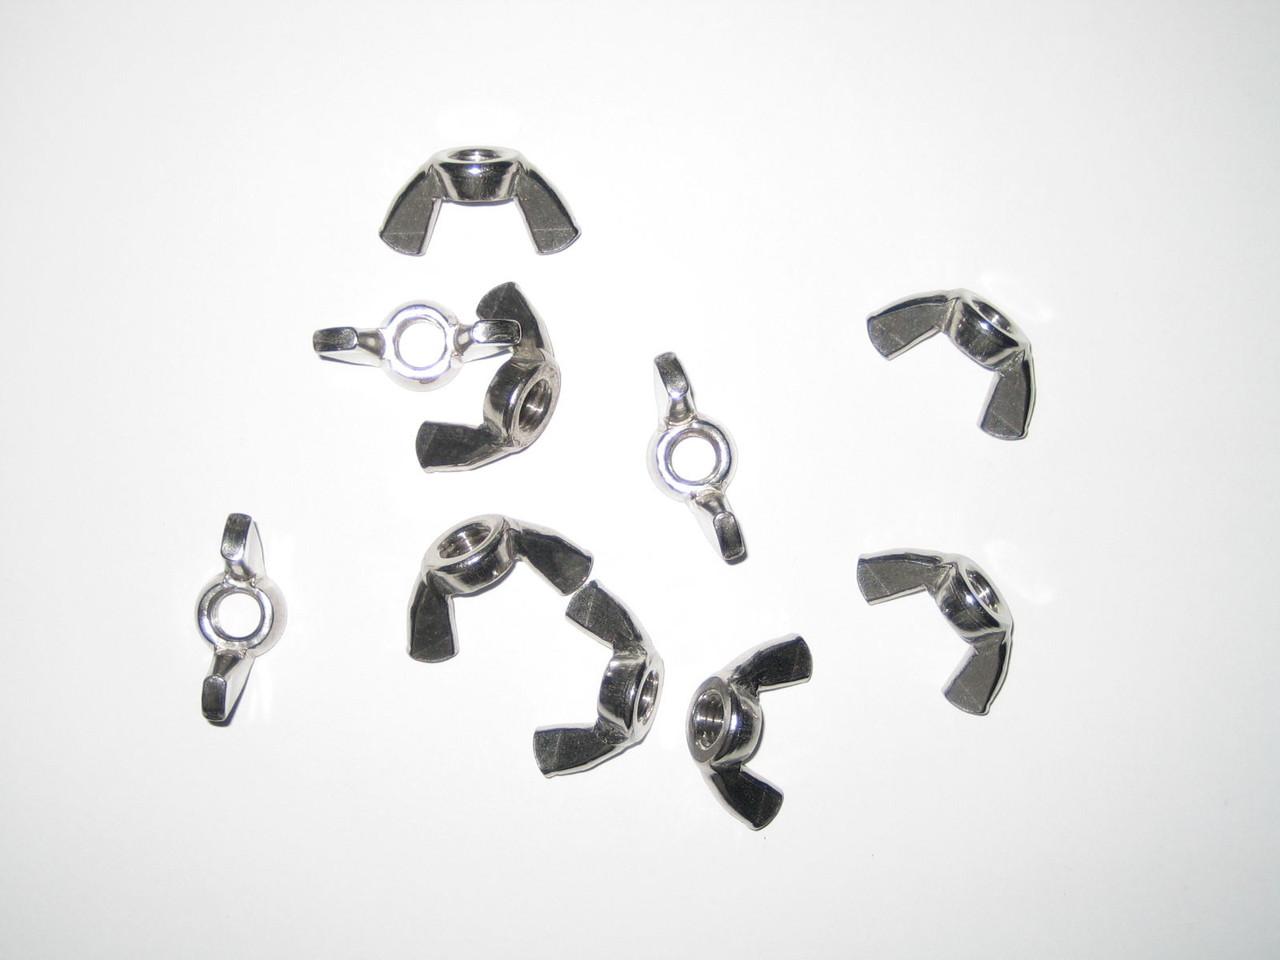 Гайка барашек М12 ГОСТ 3032-76, DIN 315 из нержавеющей стали